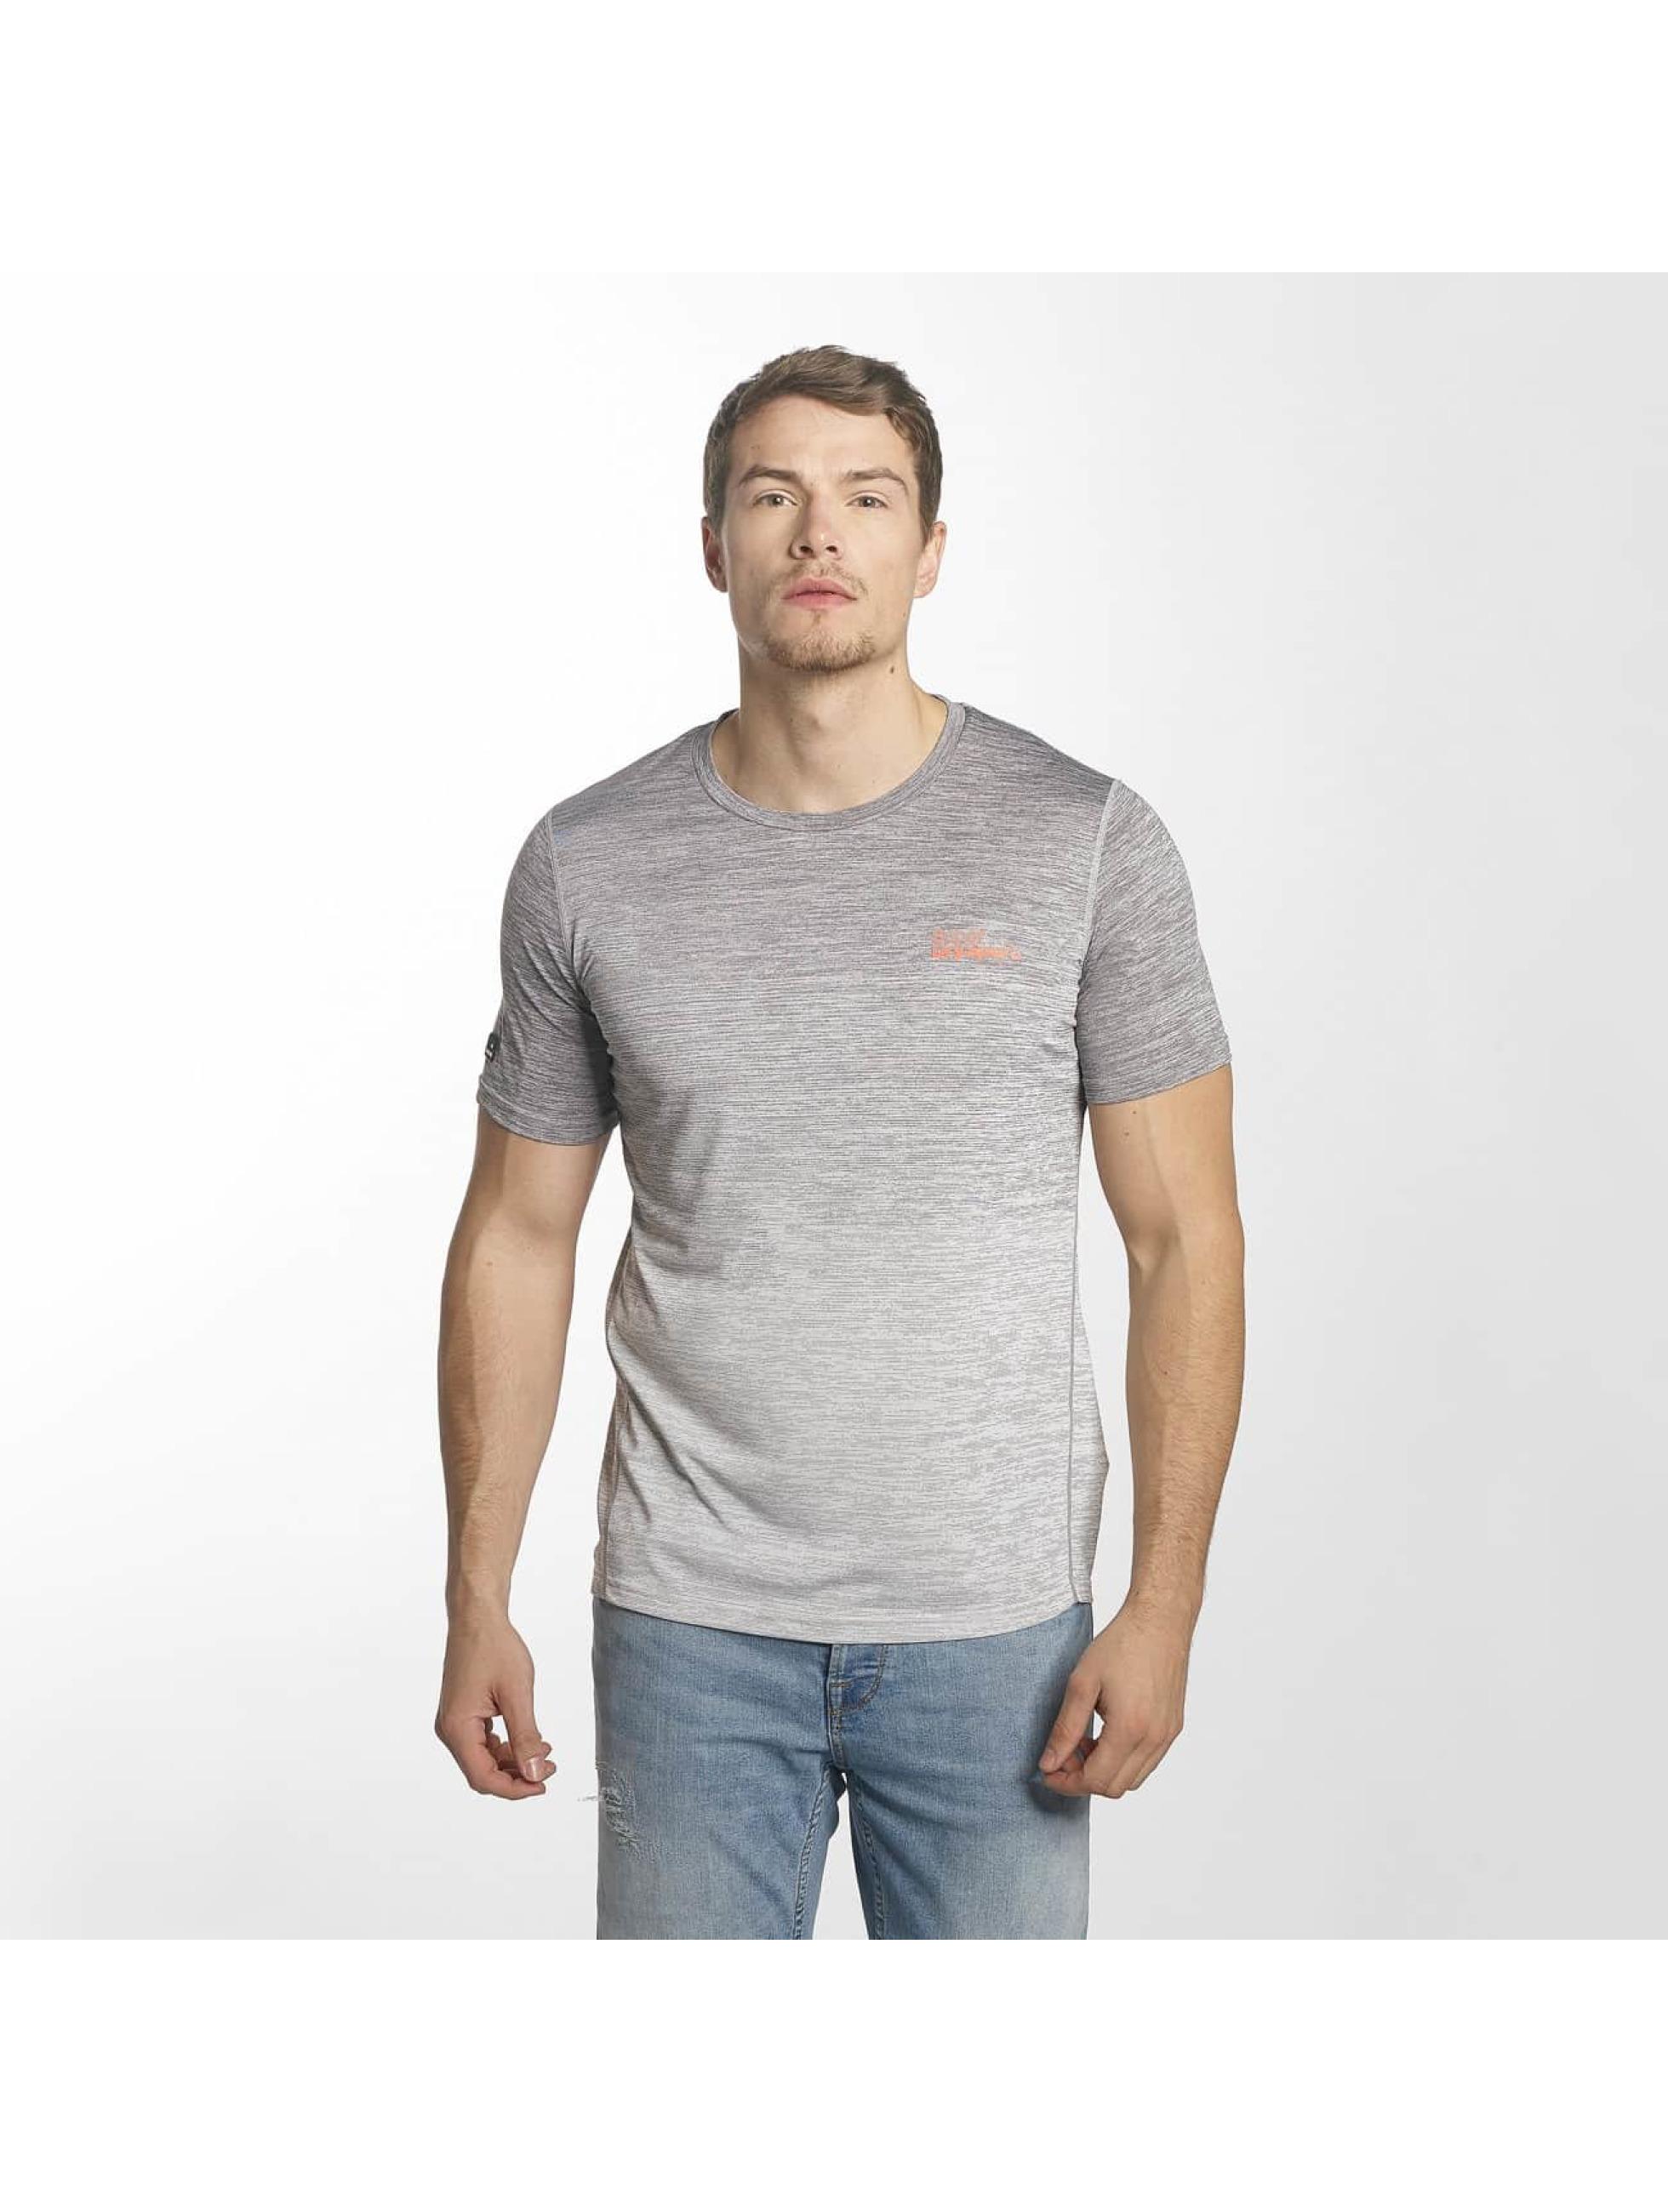 007365adb039cf Superdry Herren T-Shirt Sport Active Ombre Grit in grau 430808